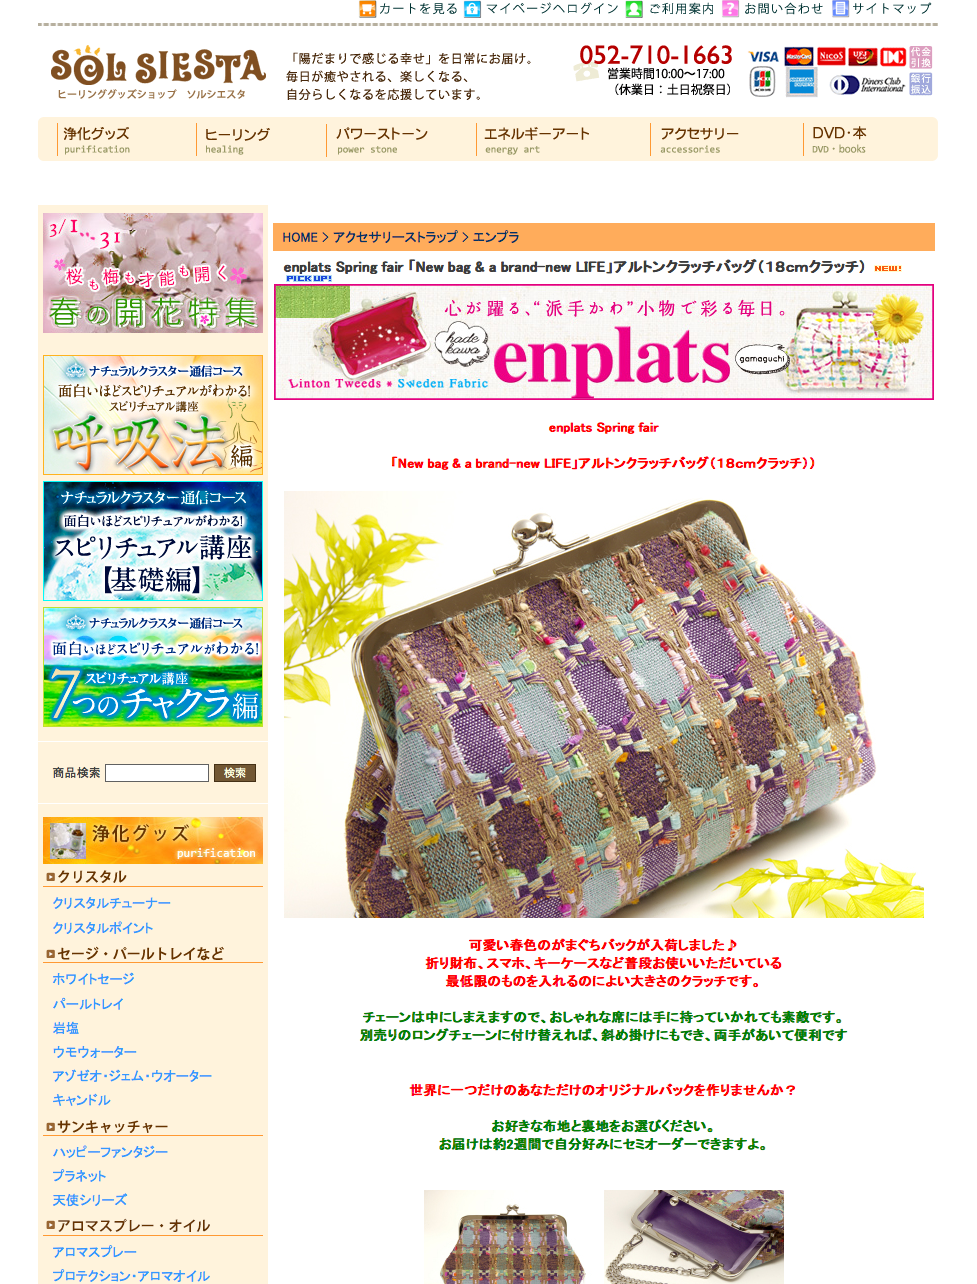 screenshot-marymayan net 2015-03-31 16-17-47